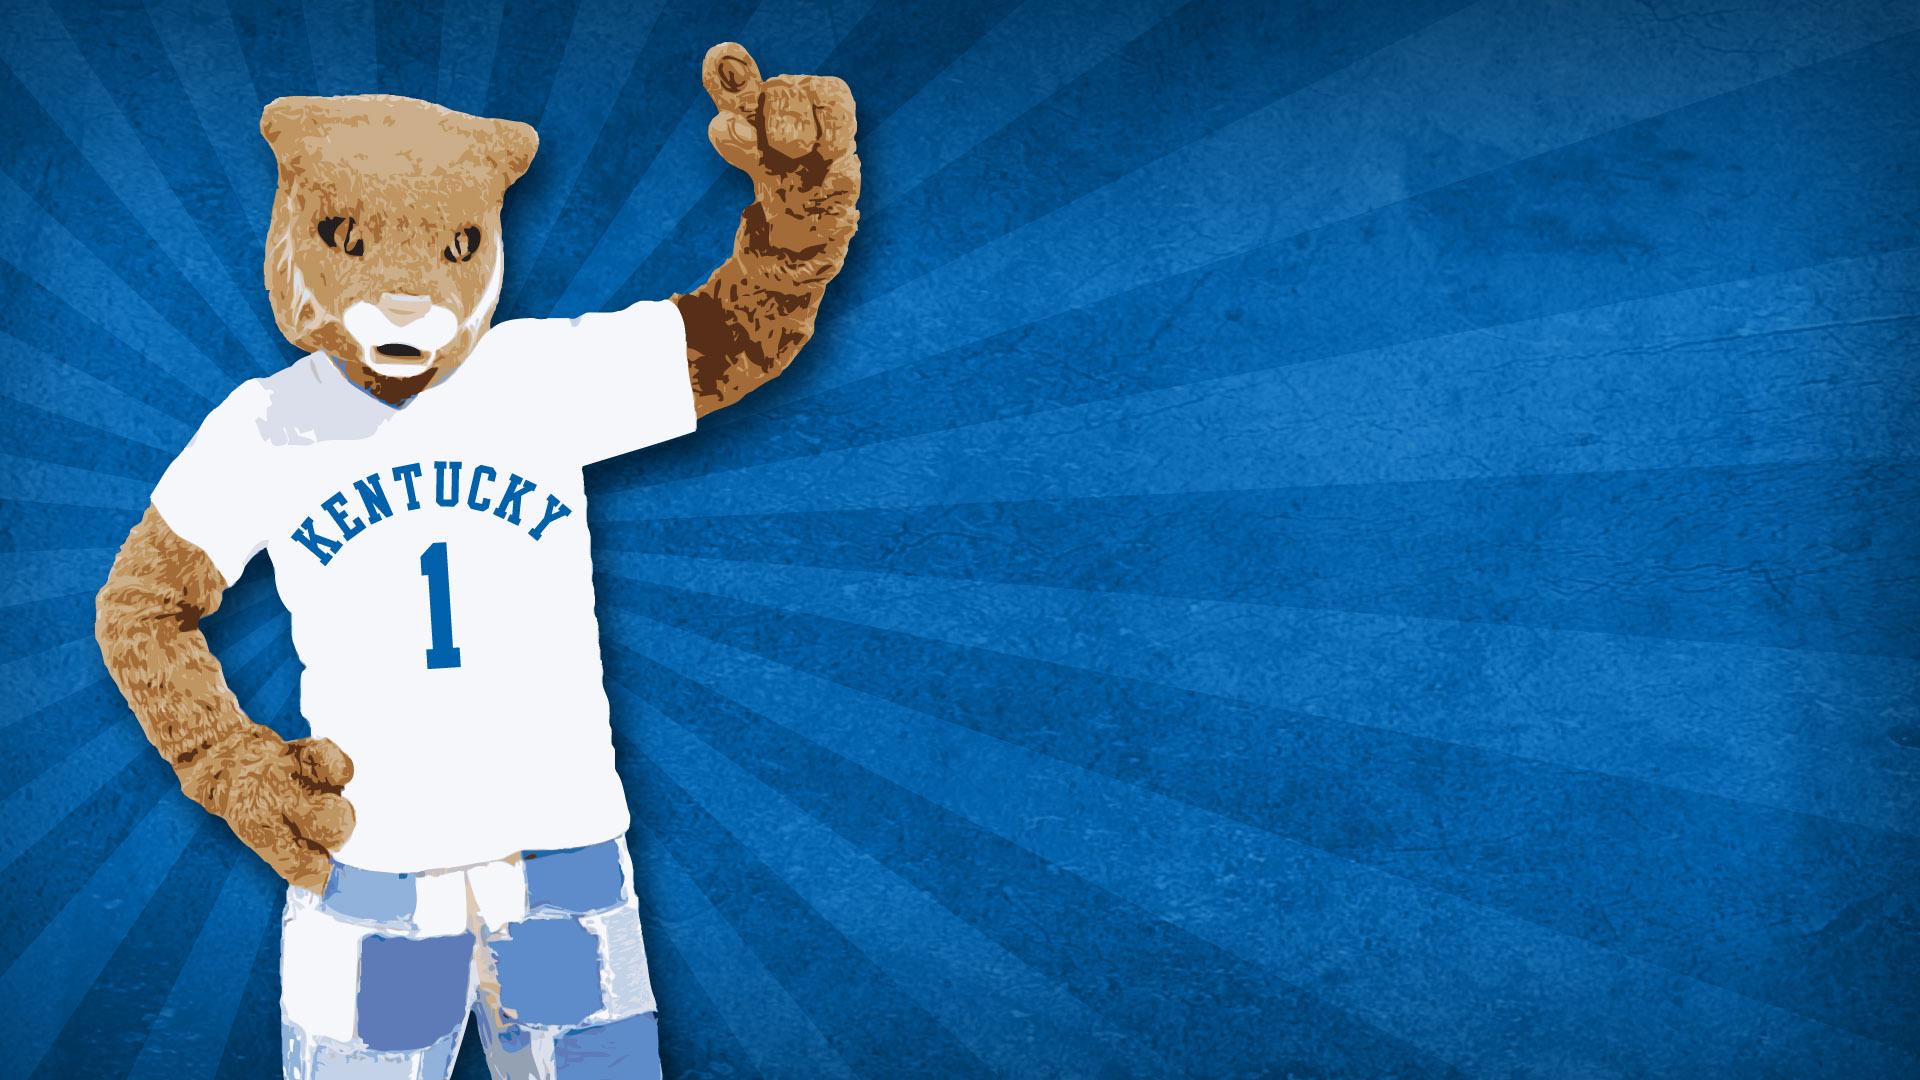 University of Kentucky desktop wallpaper featuring the Wildcats mascot 1920x1080